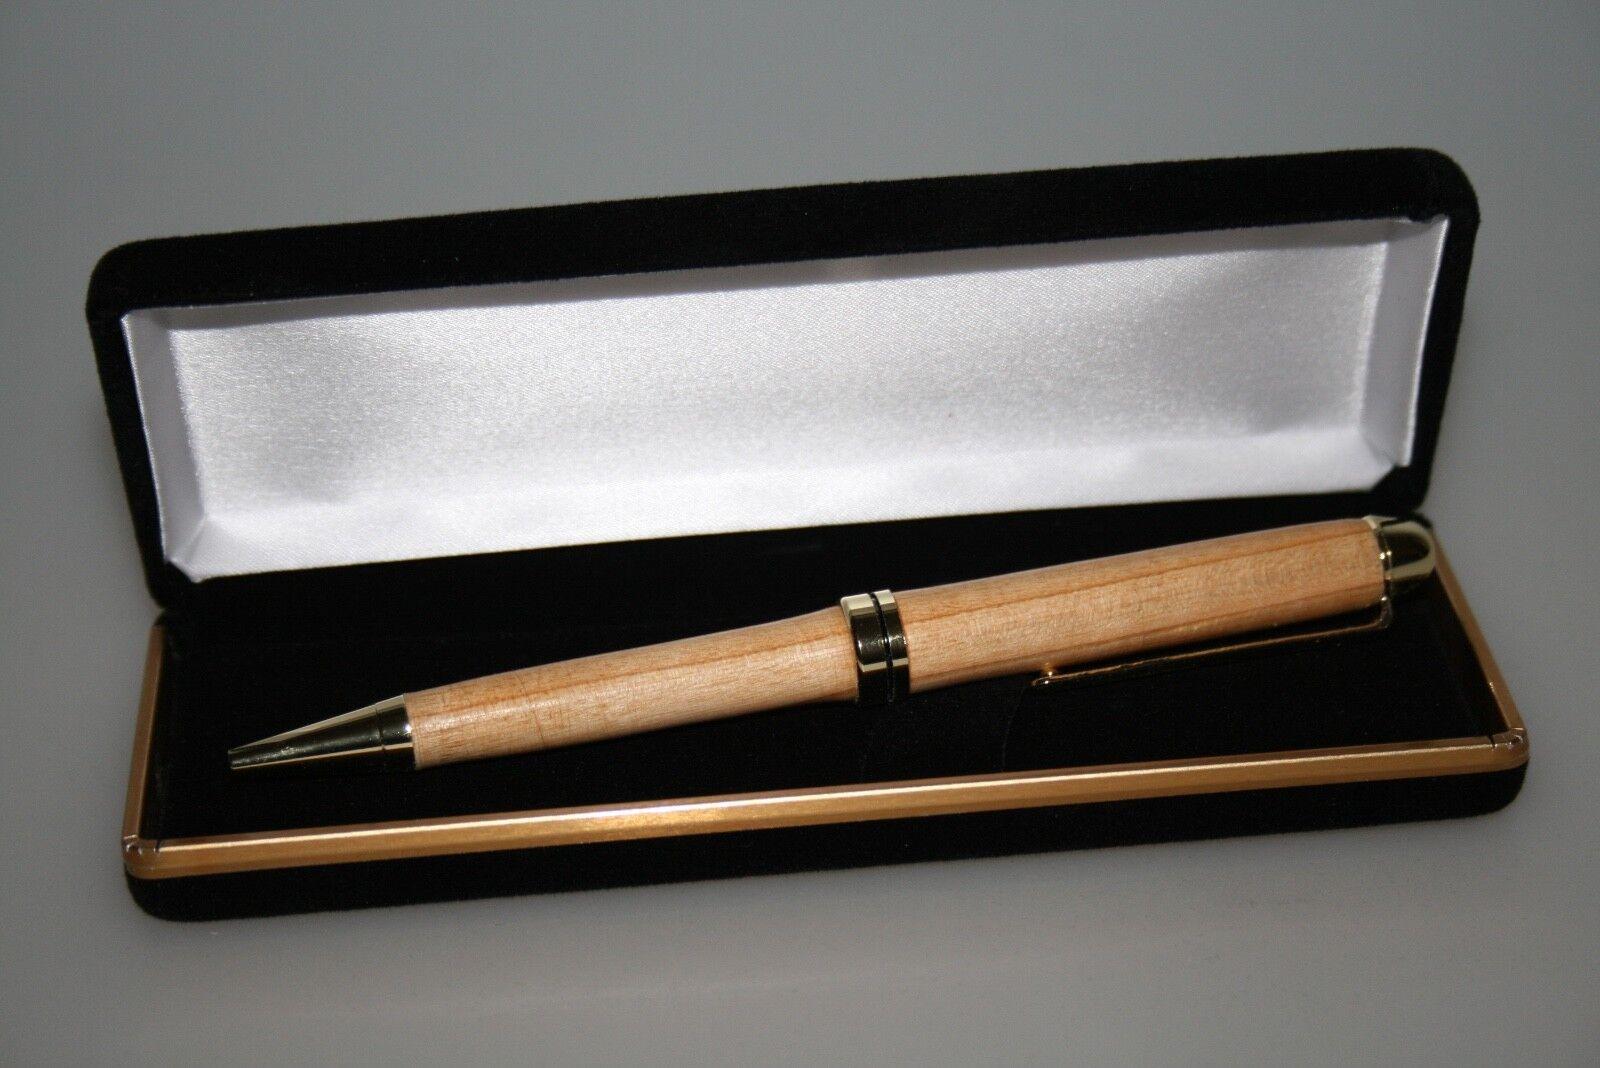 Kugelschreiber, Kugelschreiber, Kugelschreiber, handgedrechselt, hergestellt in D aus Wildkirsche 24kt verGoldet   Tragen-wider  ede4c0